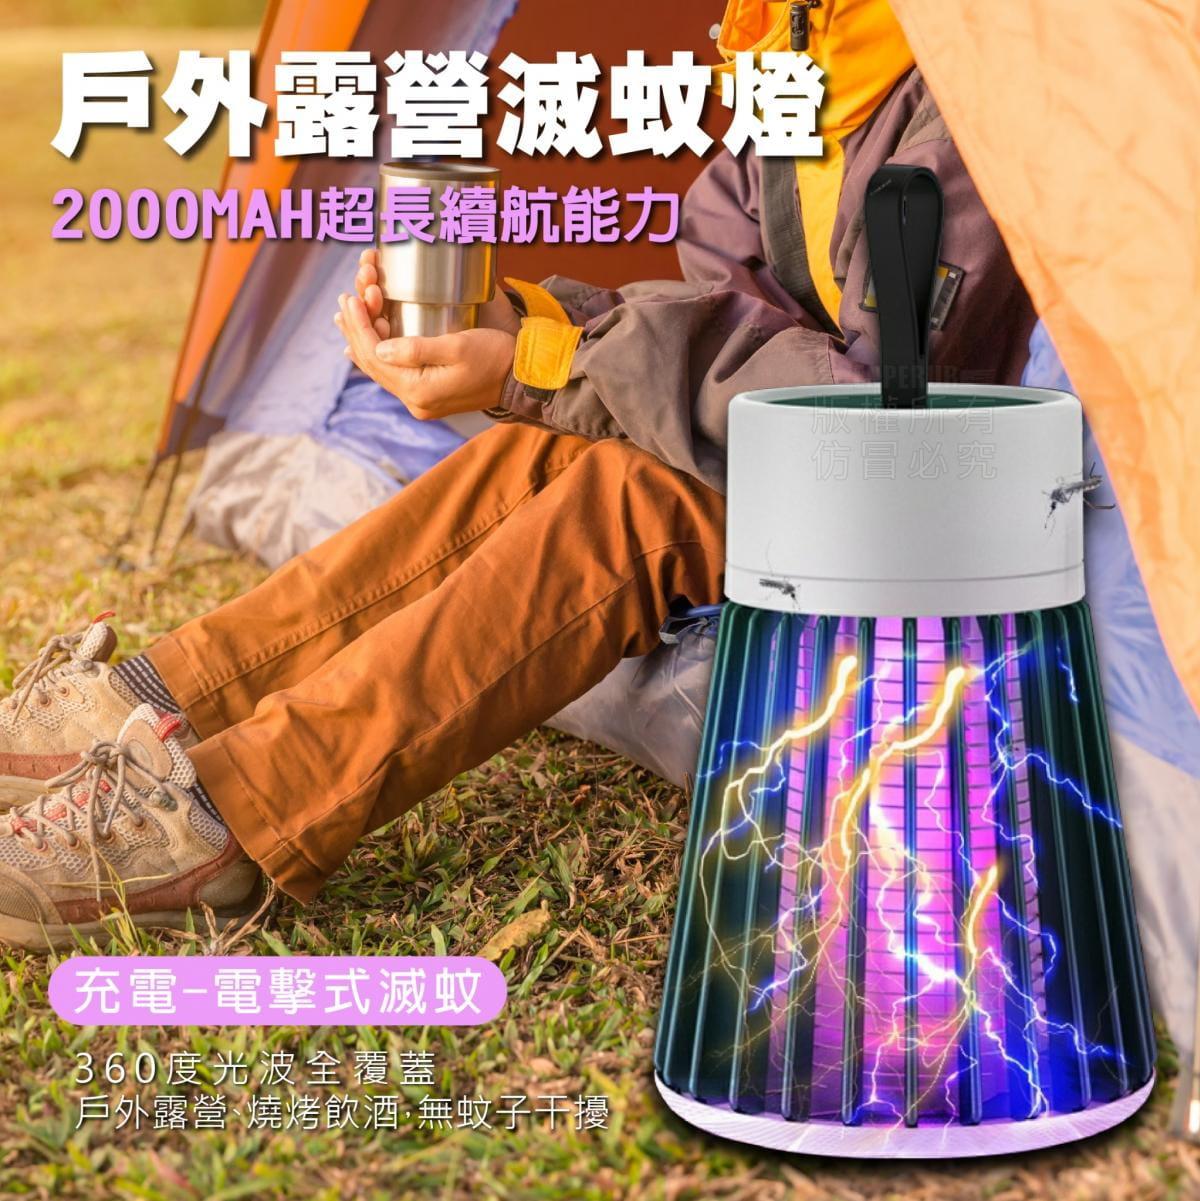 充電電擊式滅蚊燈 3